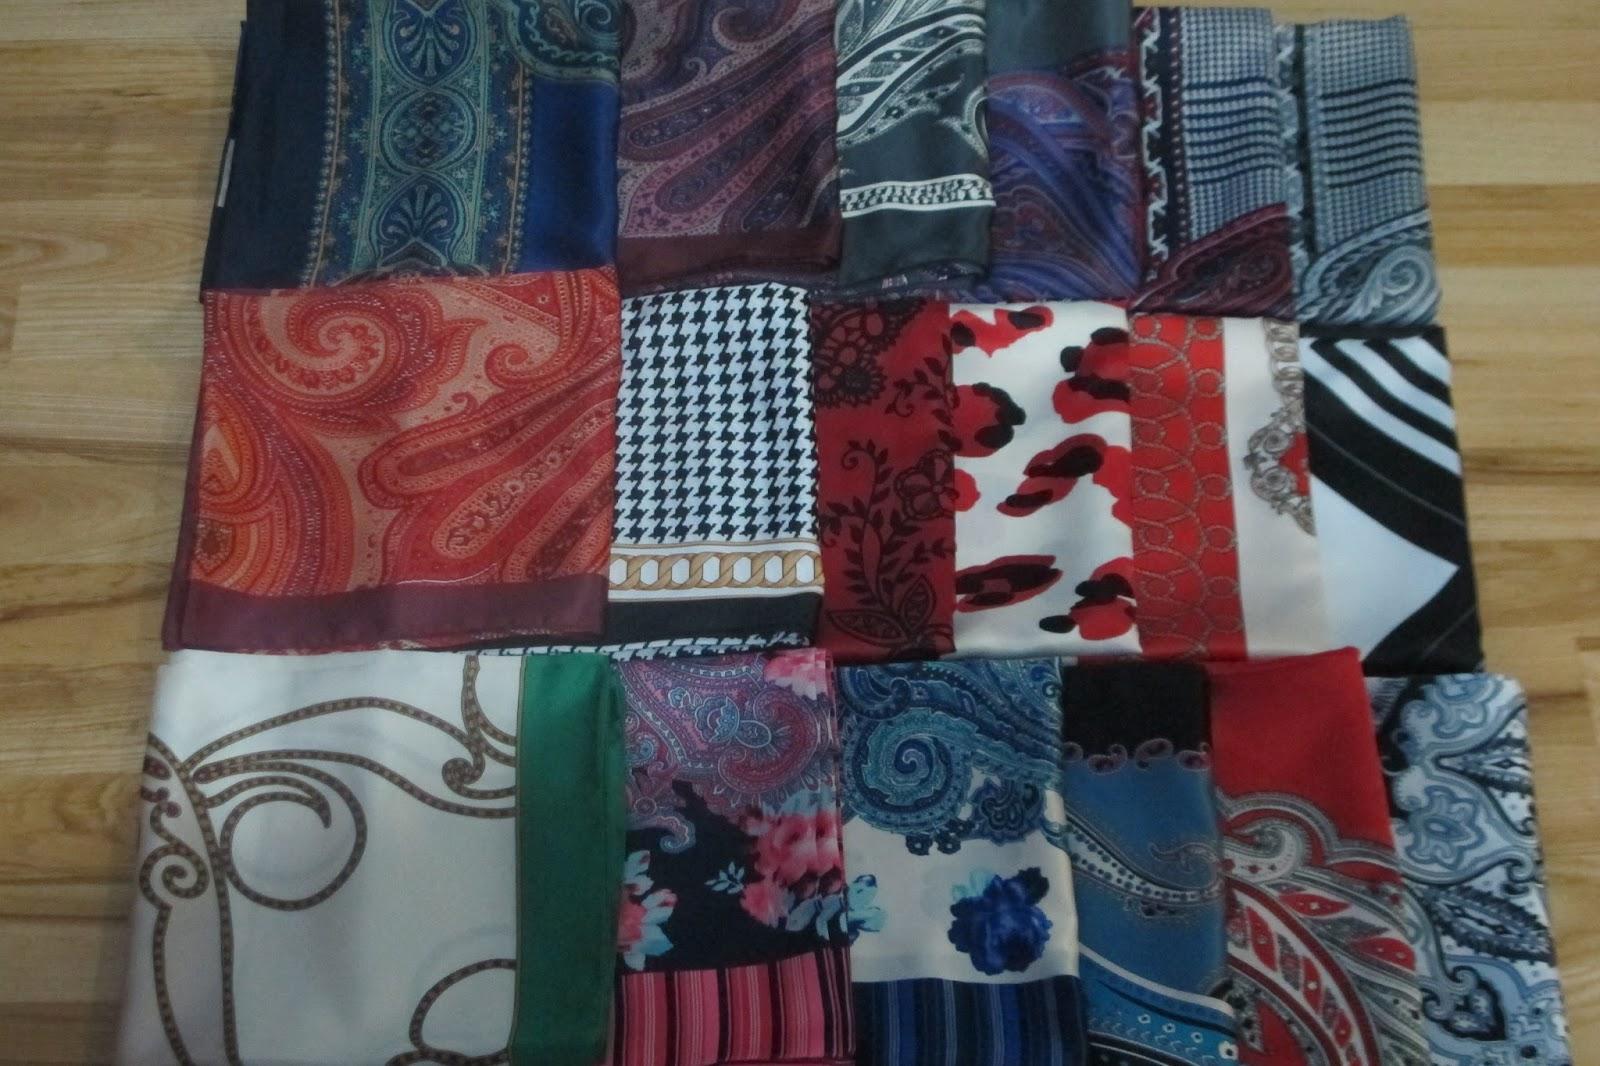 LoNdon dEaLs - Tie RaCk: New in - Winter 2013